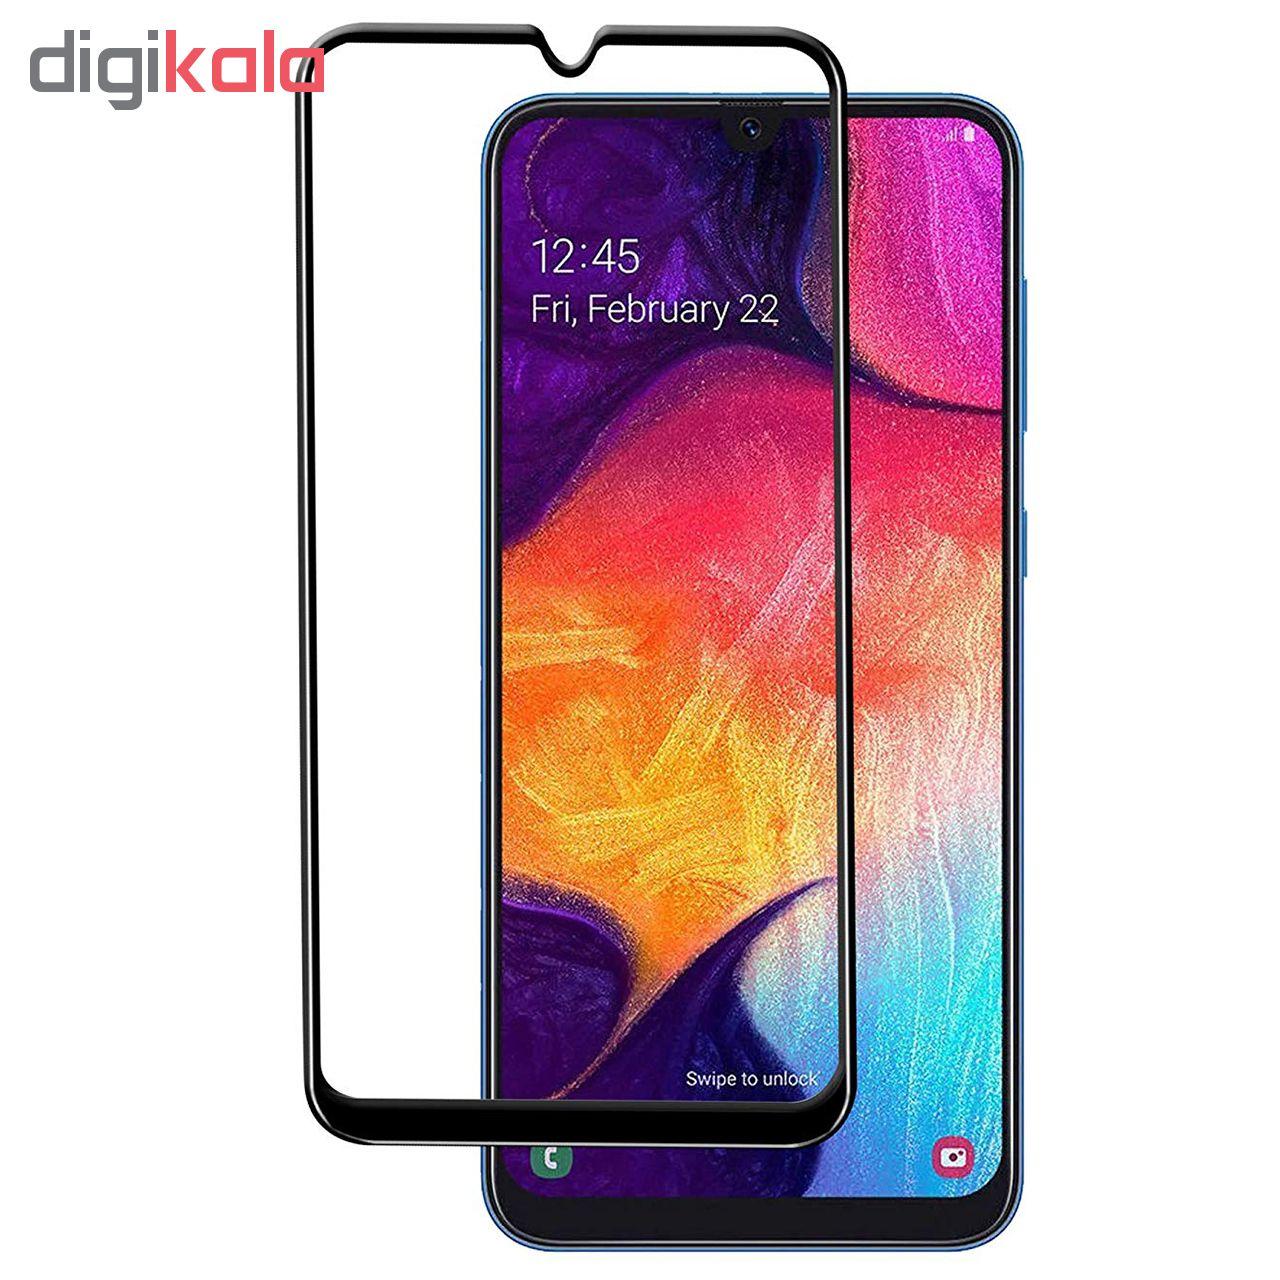 محافظ صفحه نمایش نیکسو مدل FG مناسب برای گوشی موبایل سامسونگ Galaxy A20 main 1 1